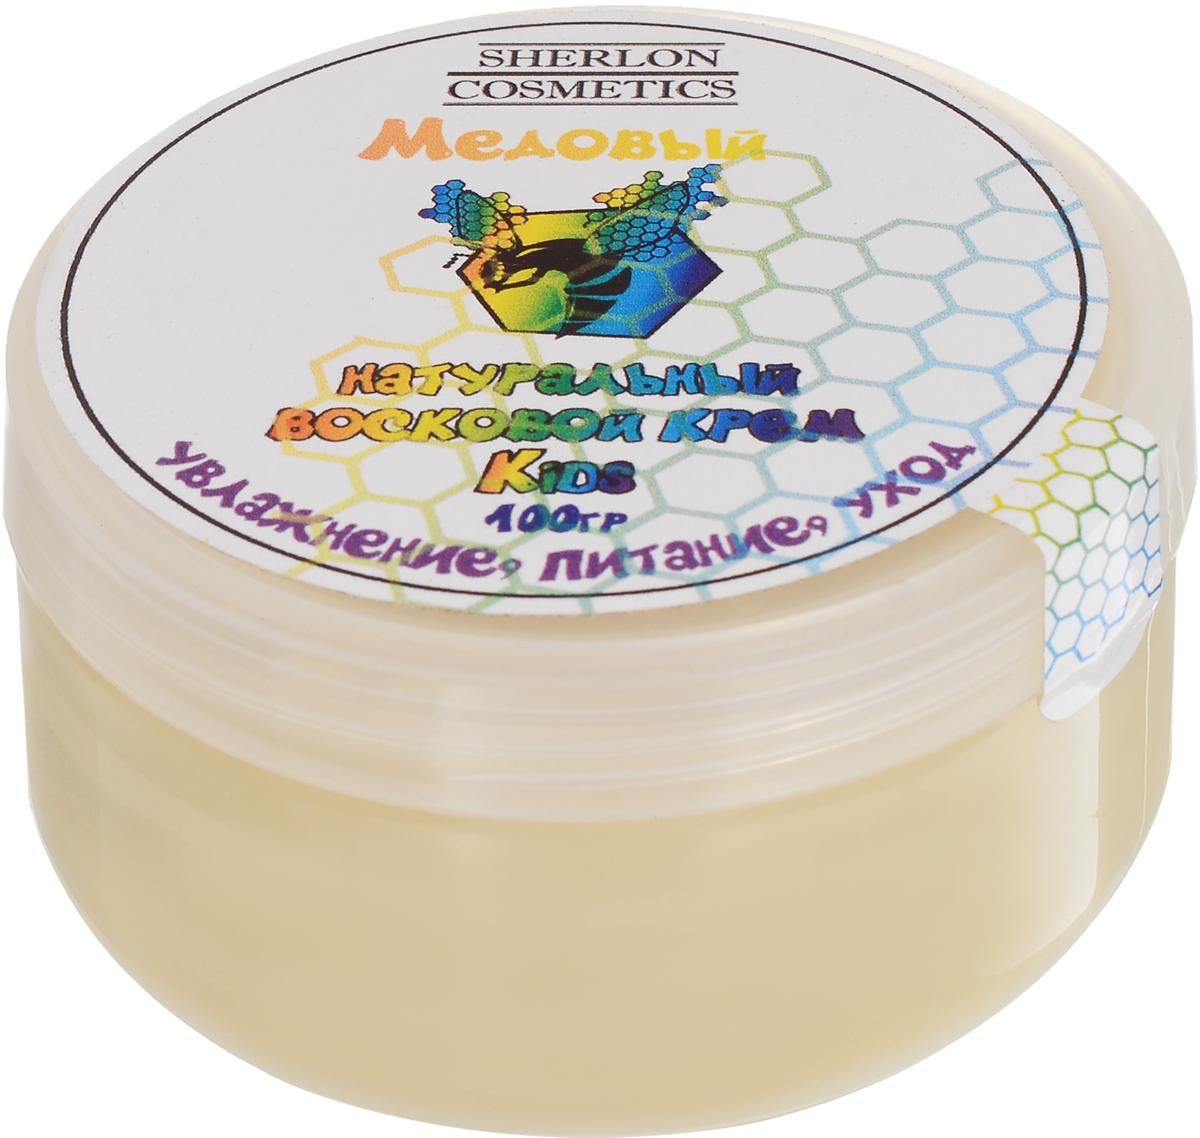 Sherlon Cosmetics Натуральный восковой Крем Kids Медовый 50 г2001017Восковой крем обладает антибактериальными качествами, образует защитную пленку, минимизирует покраснения, раздражения, не закупоривает поры. Кожа ребенка дышит и защищена.